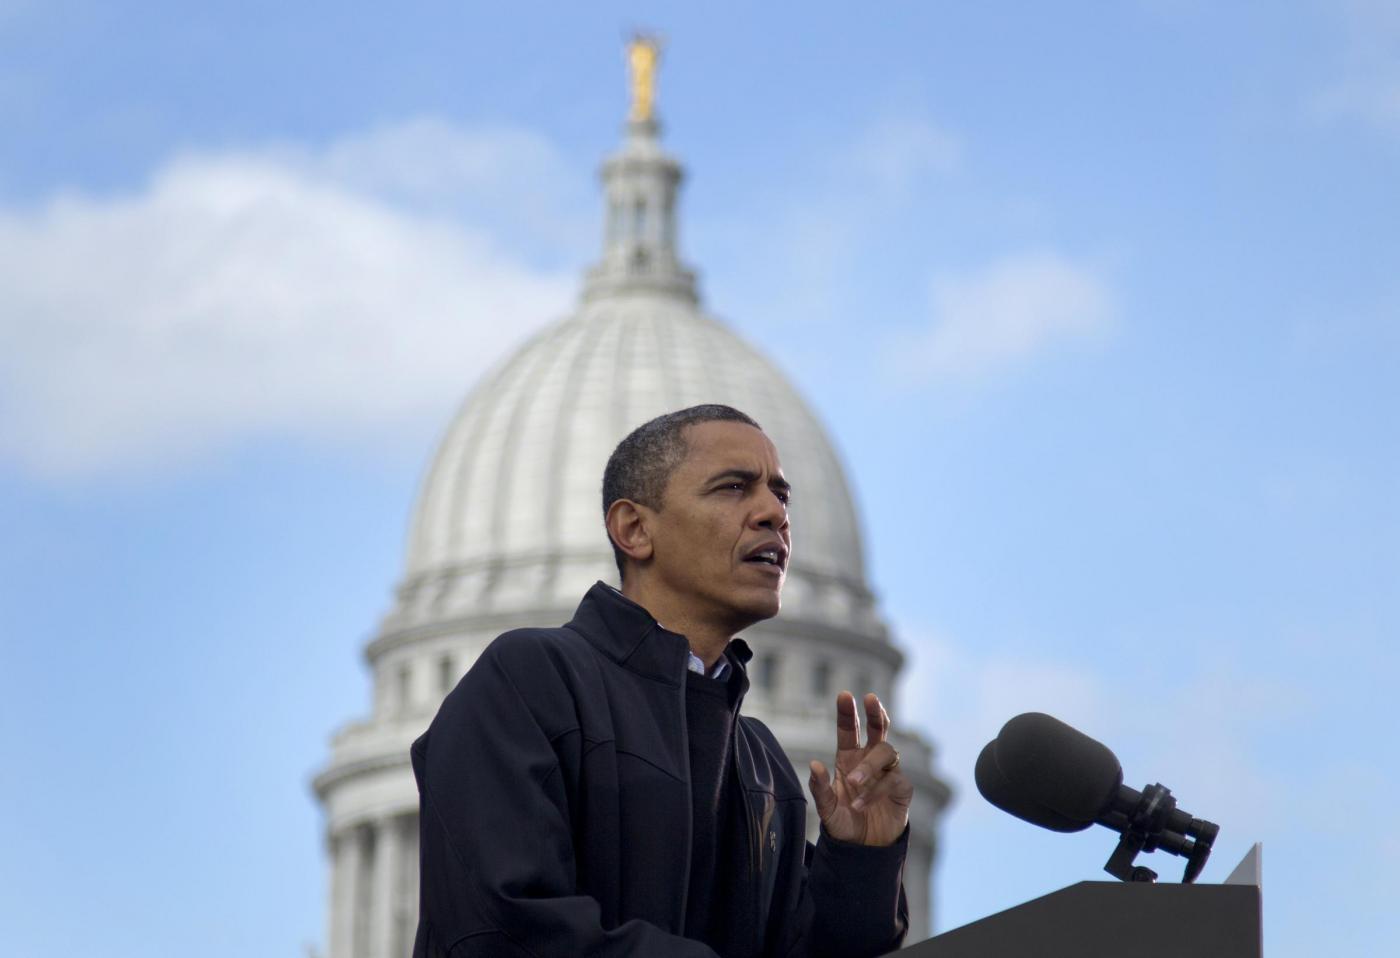 Elezioni USA, Bruce Springsteen suona per Obama04